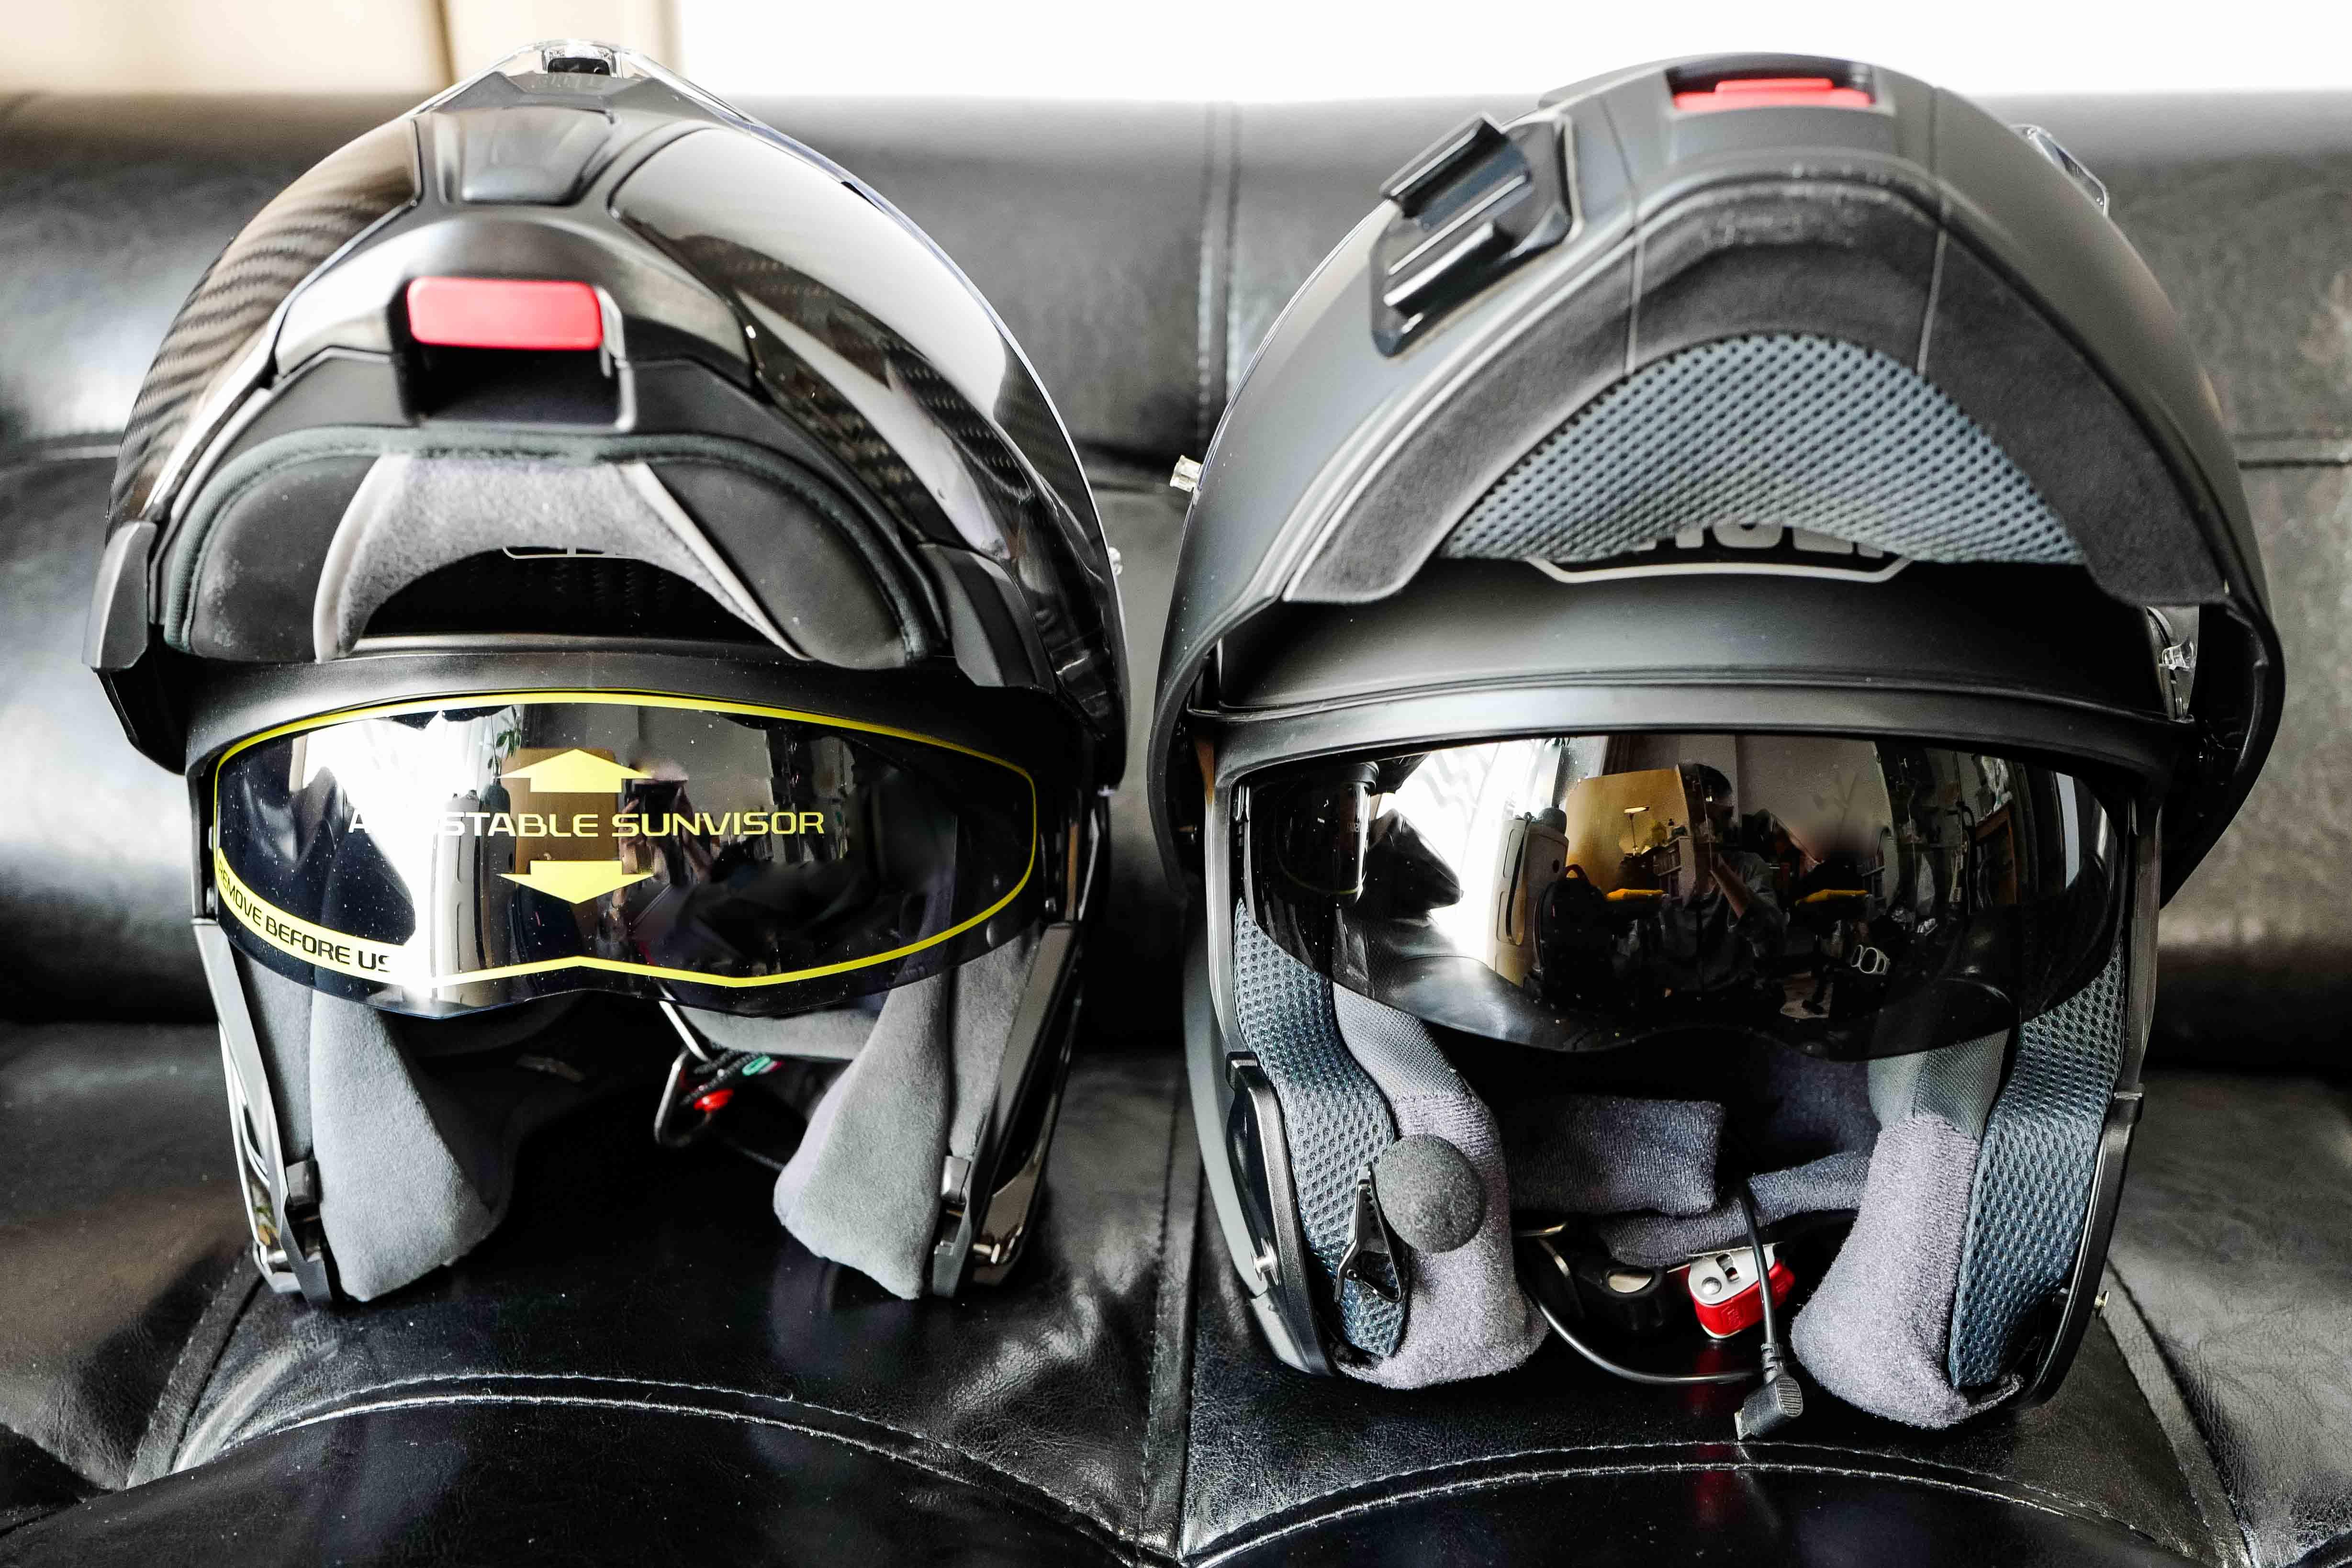 【SHOEIとAGV システムヘルメット比較インプレ】ネオテック(NEOTEC) VS SPORTMODULAR【どちらが高性能?】